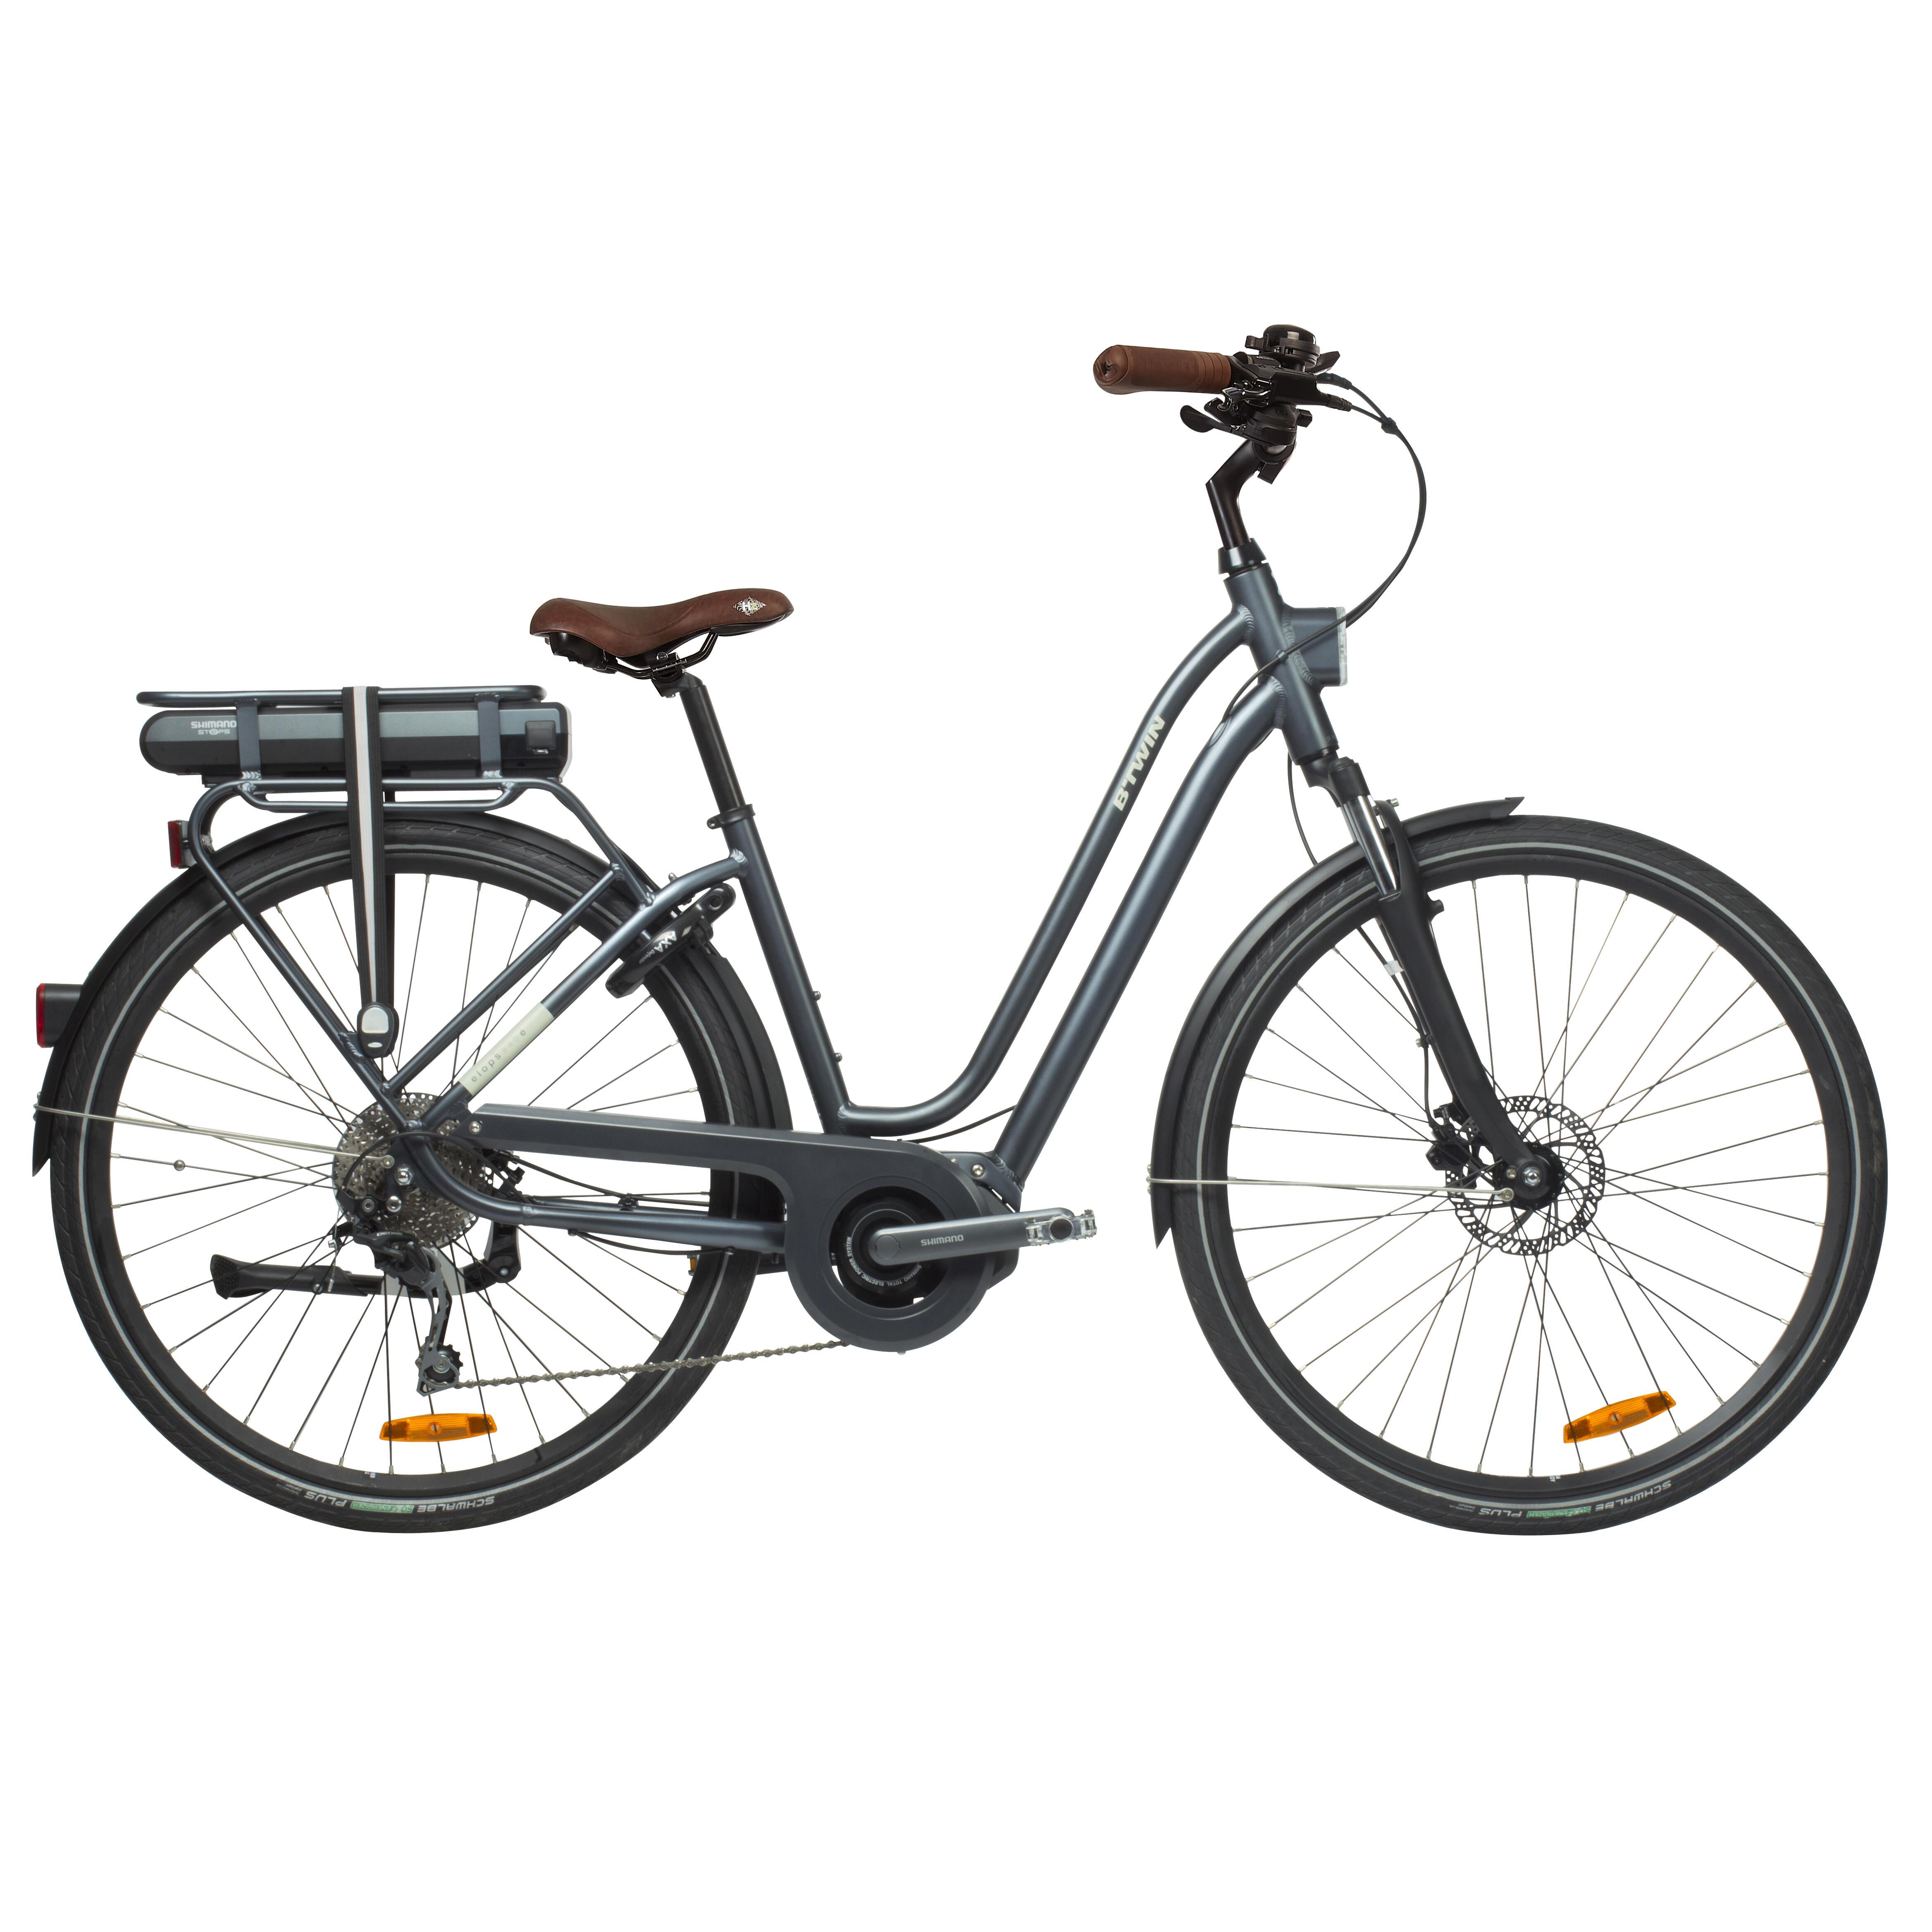 Alacsony elektromos kerékpár